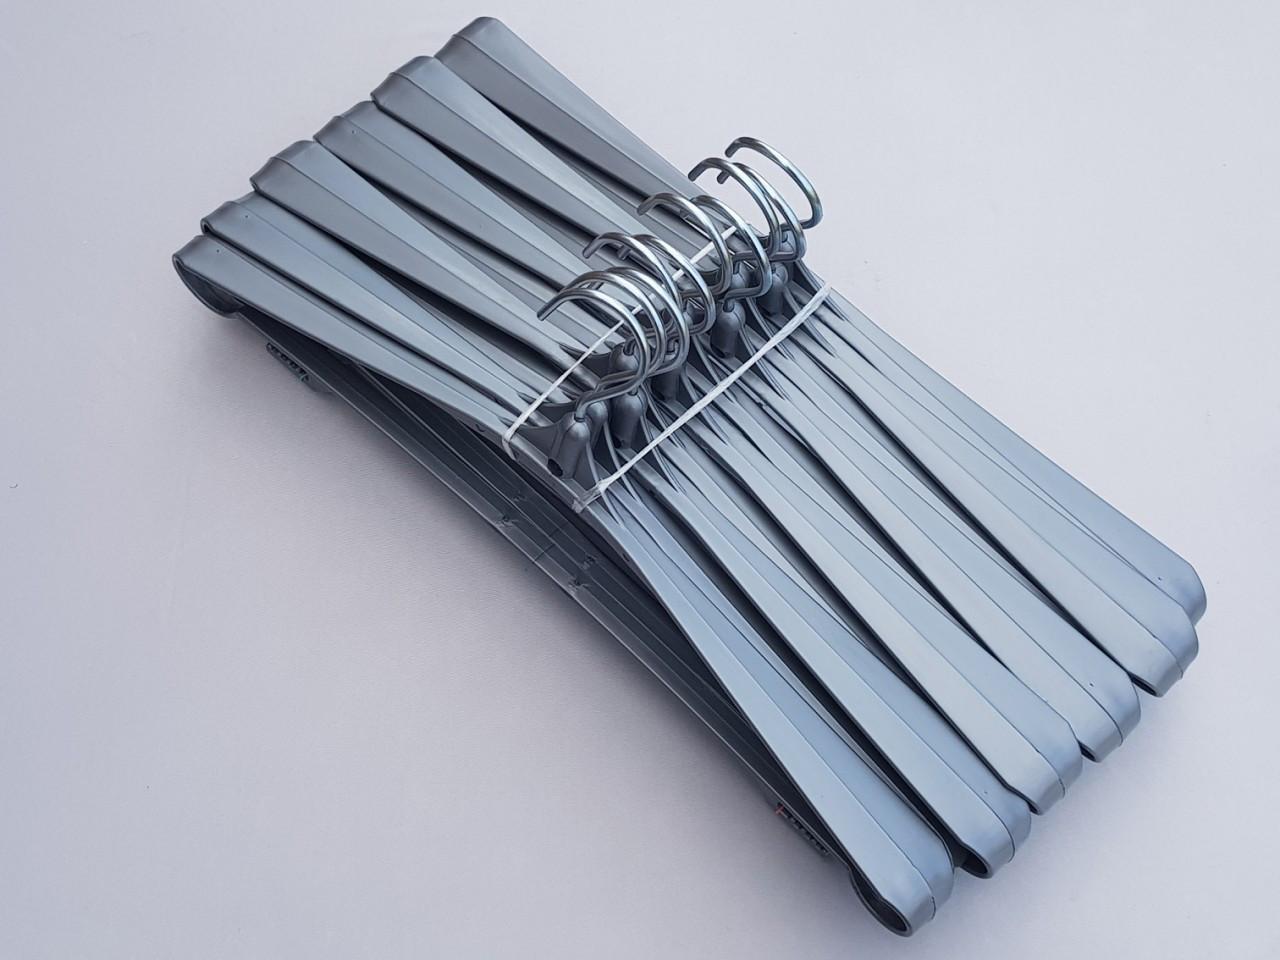 Длина 42,5 см. Плечики вешалки пластмассовые Гем-4 серебристого цвета, 10 штук в упаковке